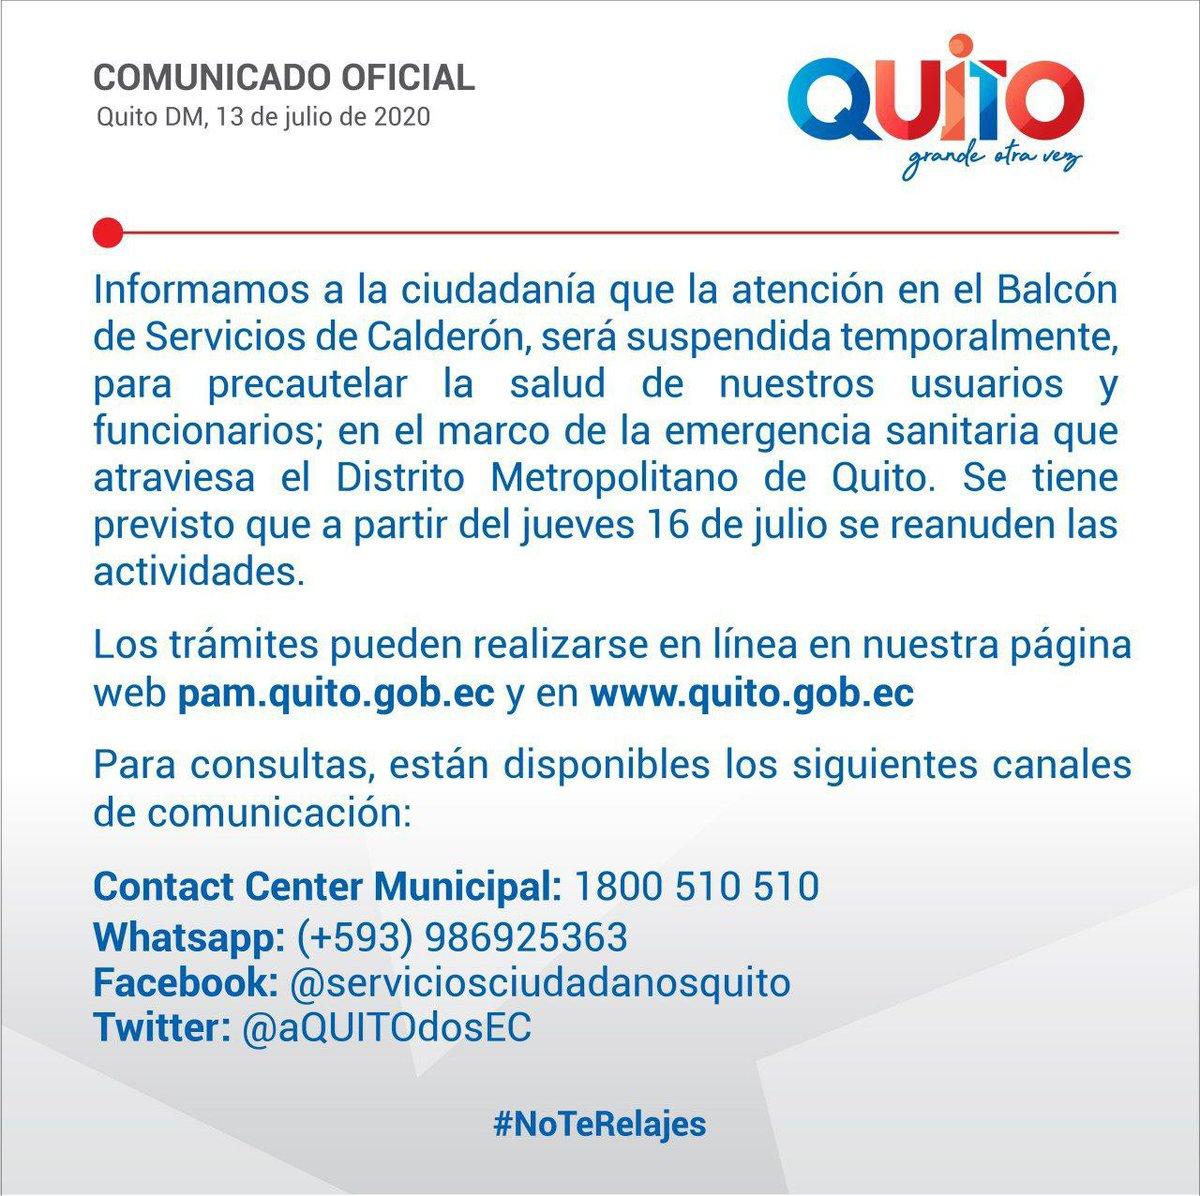 COMUNICADO | La atención en el Balcón de Servicios de la Administración Zonal Calderón se suspende temporalmente debido a la emergencia sanitaria que atraviesa la ciudad. Realice sus trámites en línea ➡️ https://t.co/SXsDCDpKBB #QuitoÁgilOtraVez https://t.co/Am2398CFkF